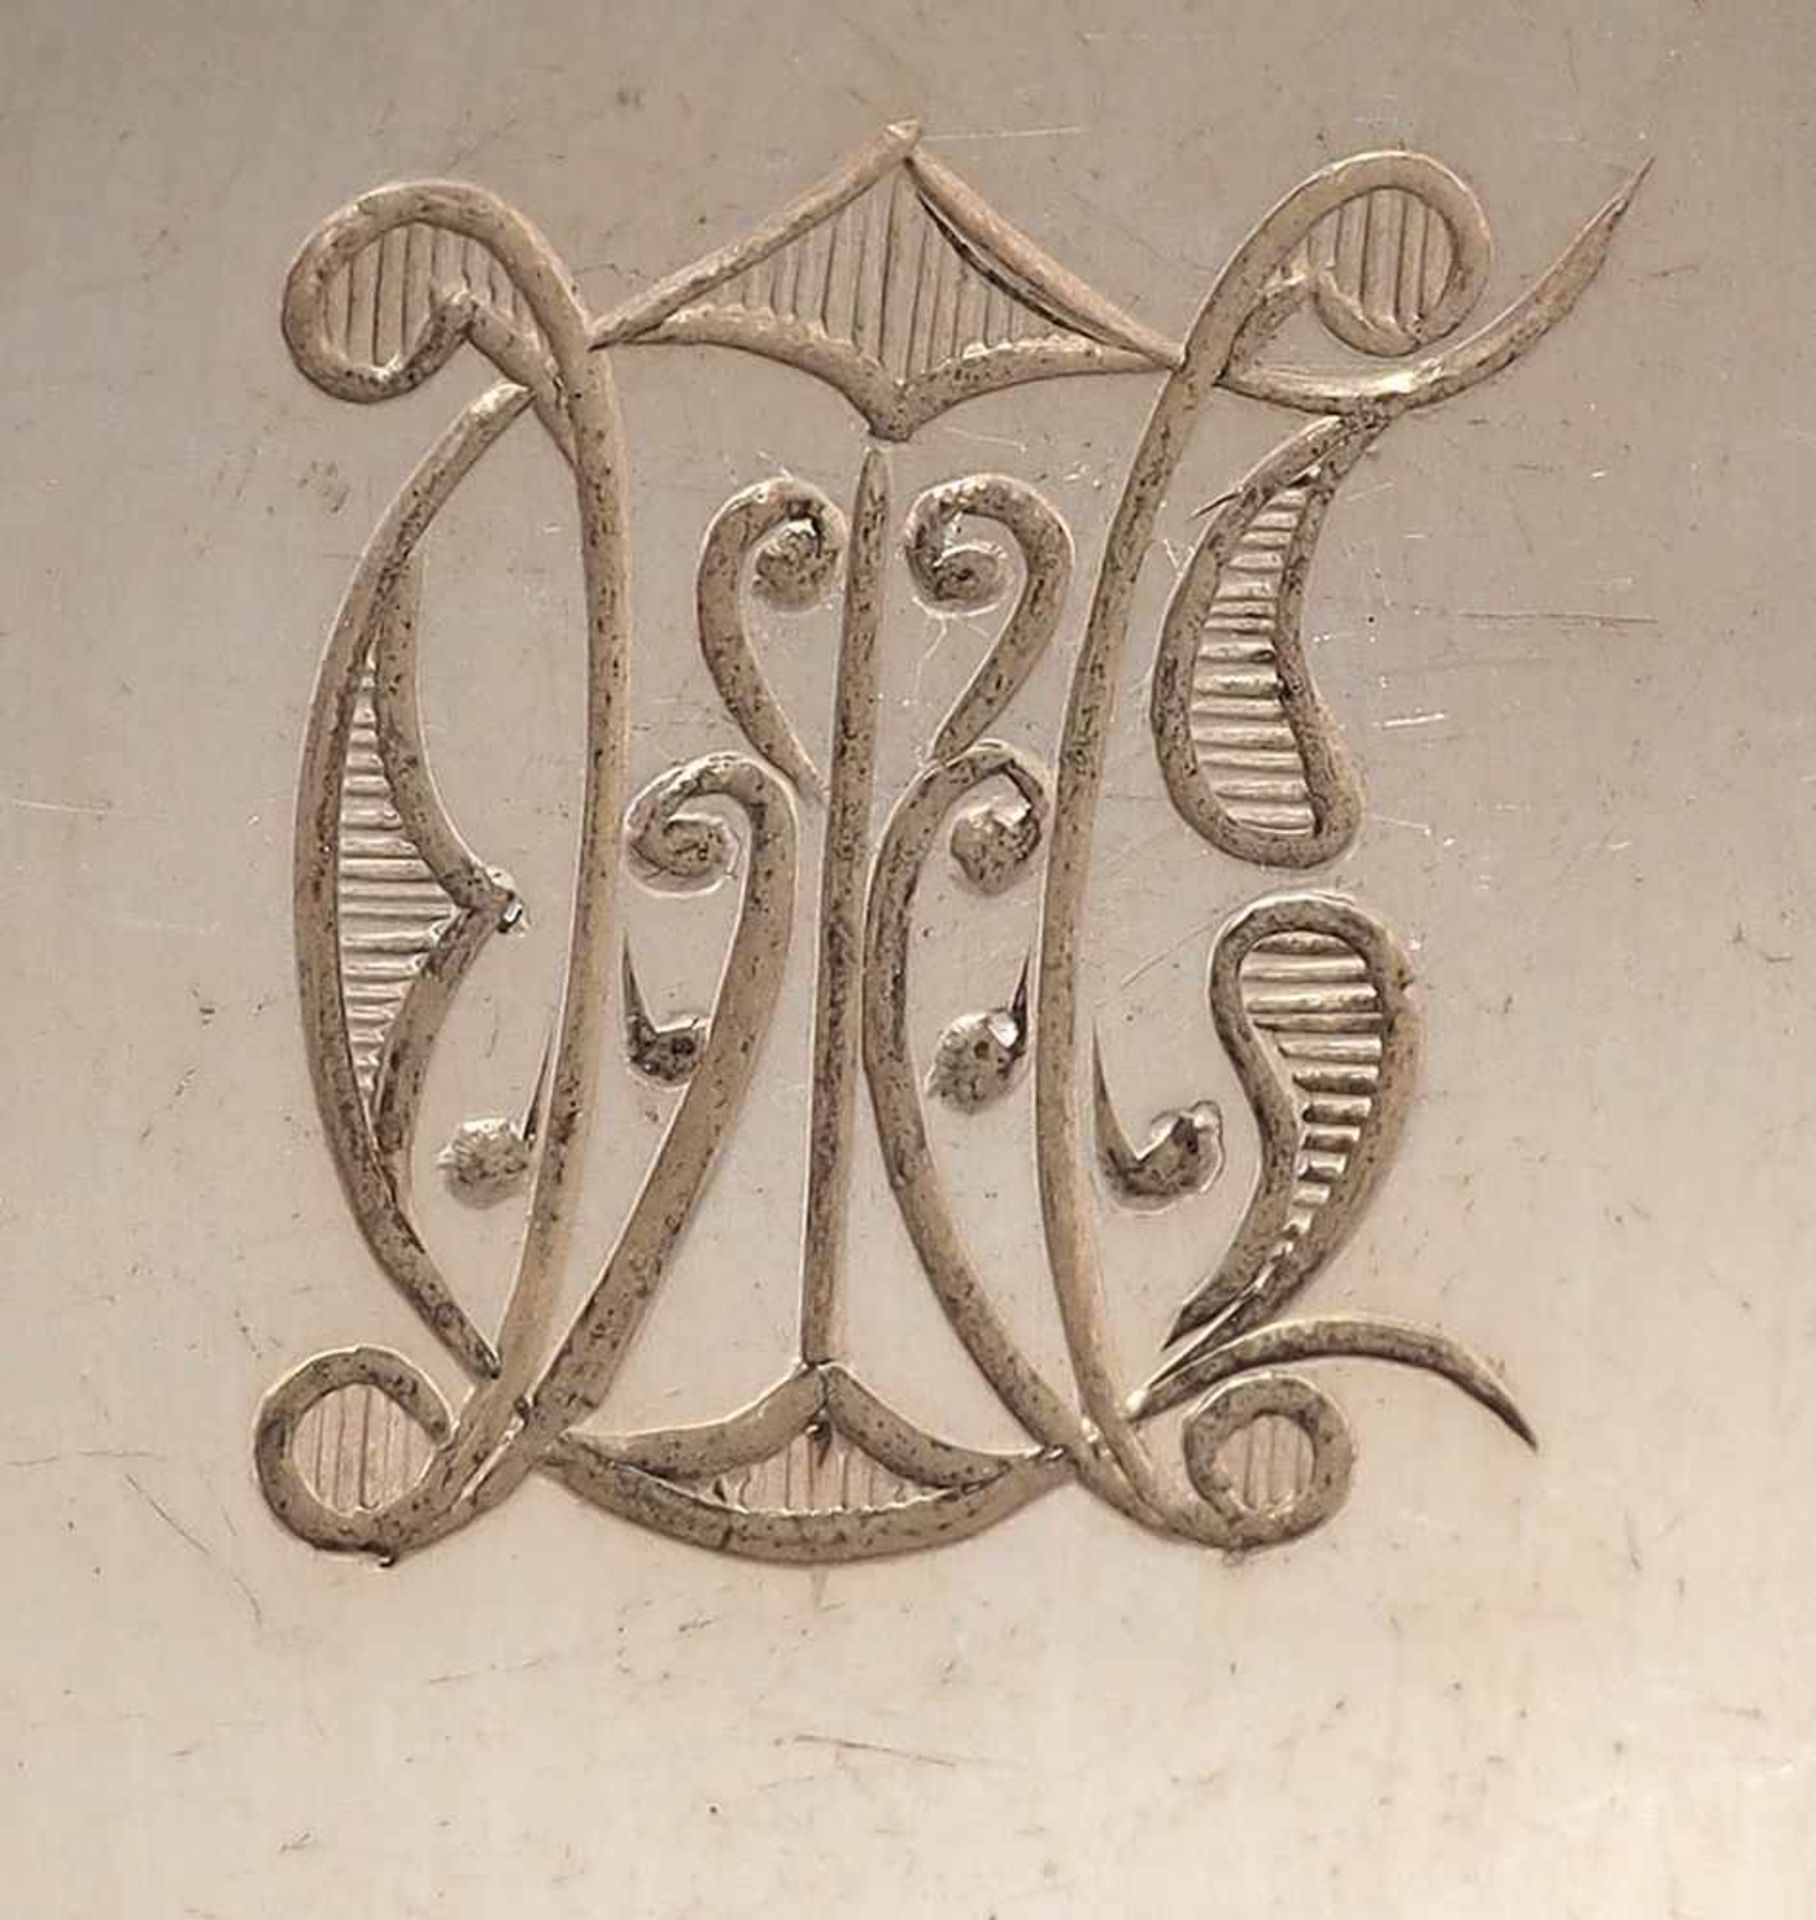 Sechs SuppenlöffelAugsburger Faden. Silber 800. Halbmond, Krone. Herstellermarke Vereinigte - Bild 2 aus 3